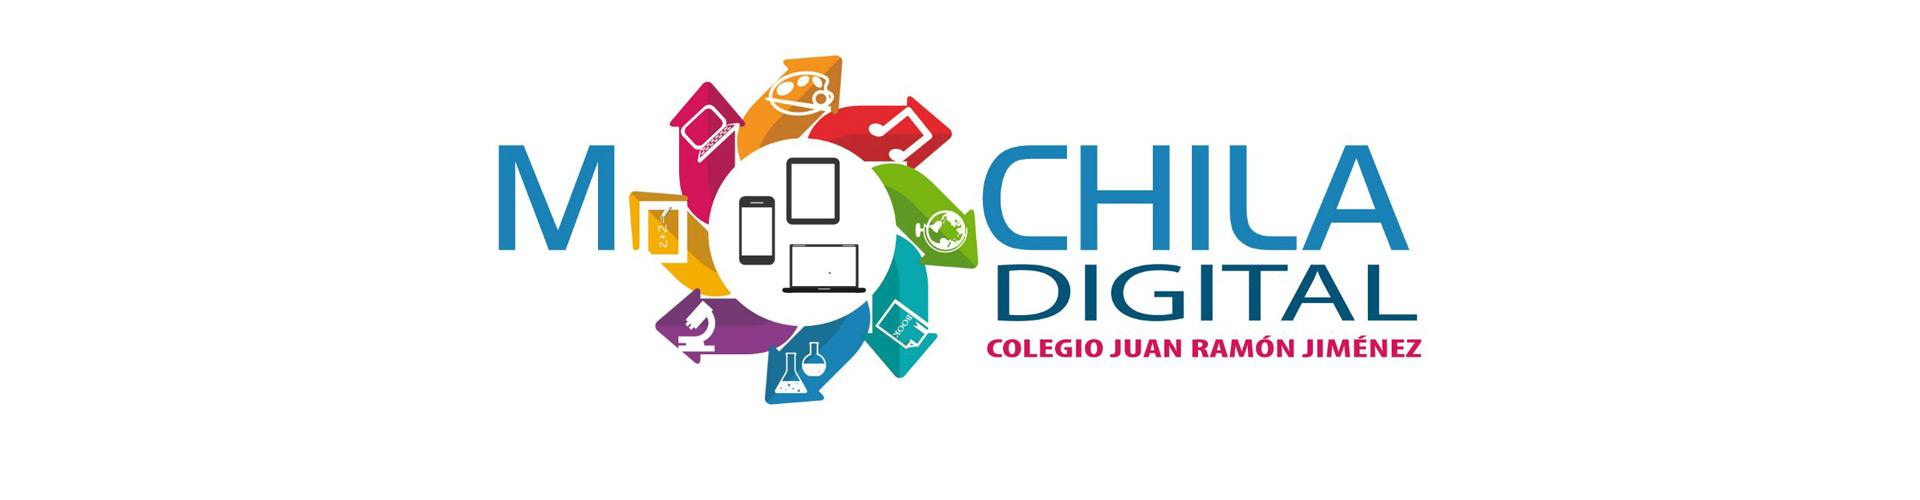 Mochila Digital Uso TICS - Colegio JRJ